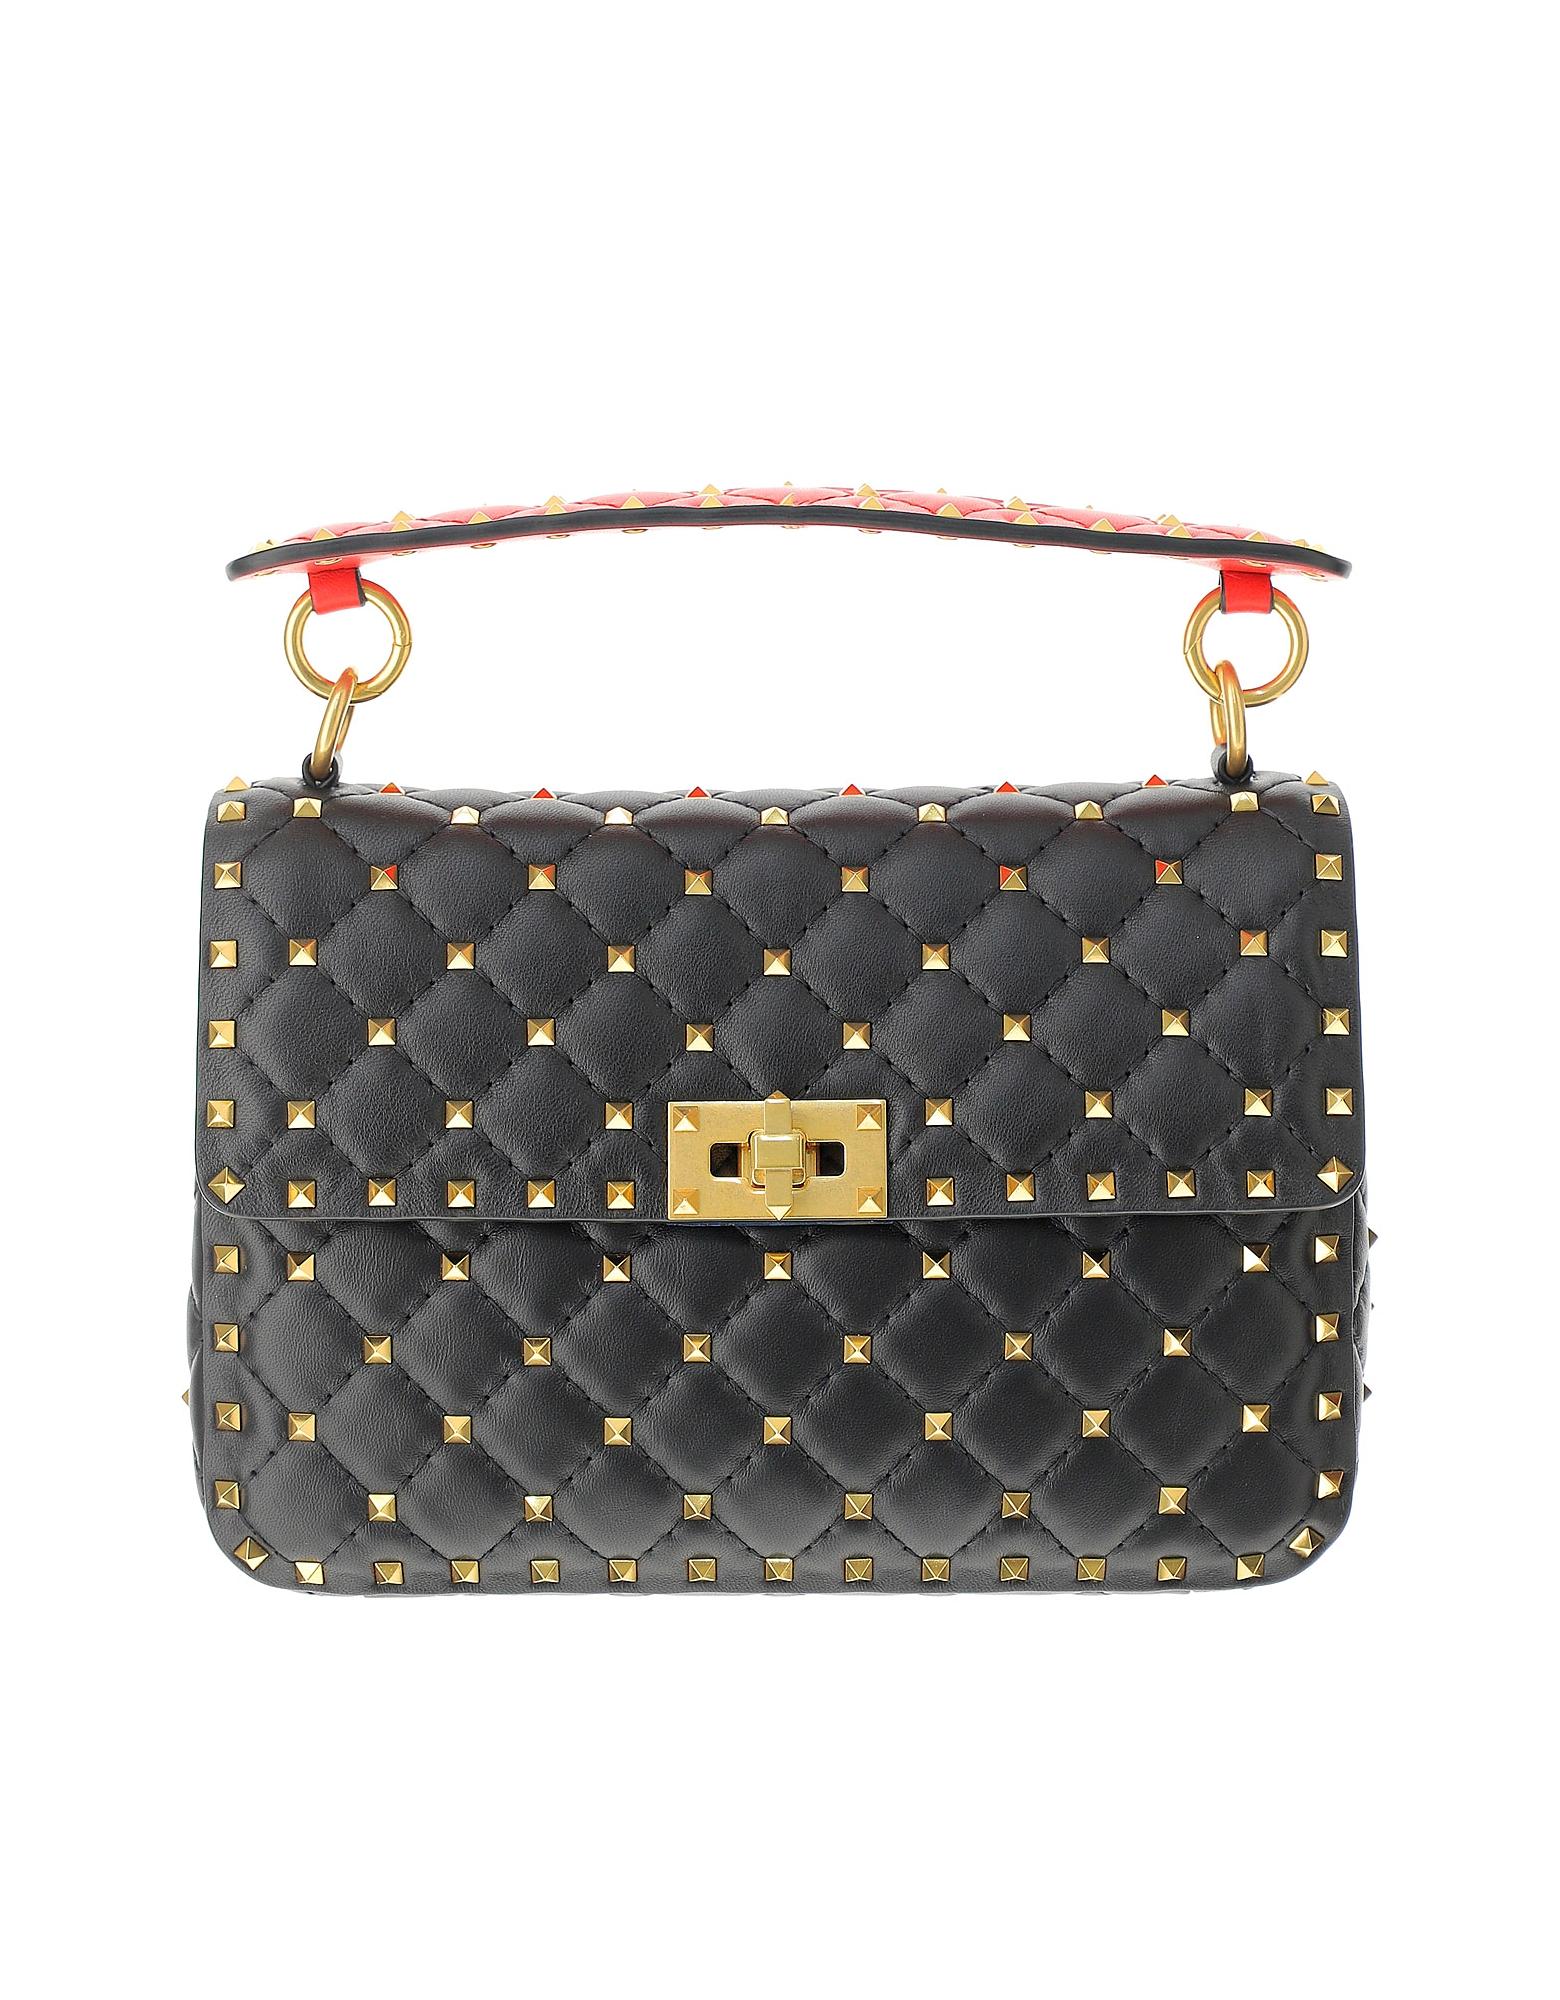 Valentino Designer Handbags, Black Leather Medium Rockstud Spike Shoulder Bag